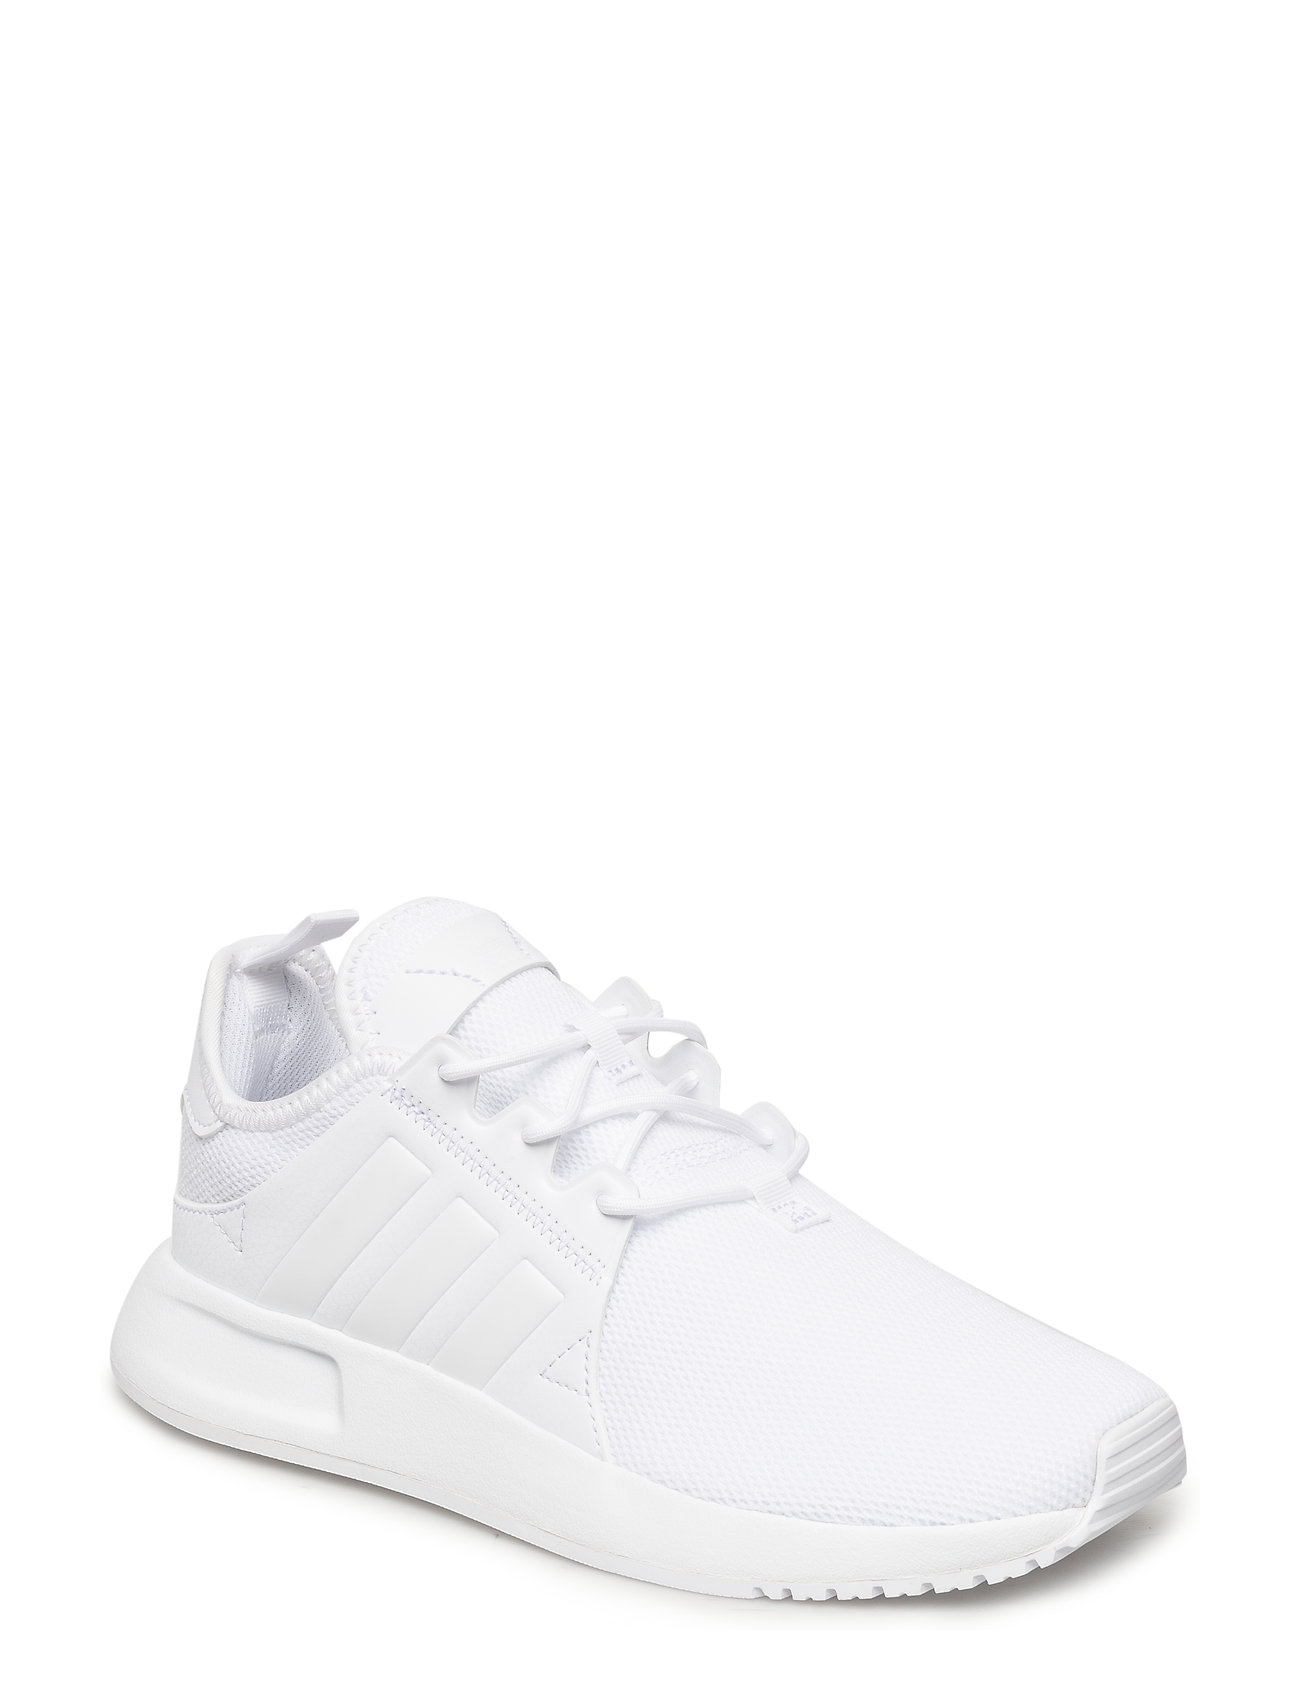 adidas Originals X_PLR J - FTWWHT/FTWWHT/FTWWHT